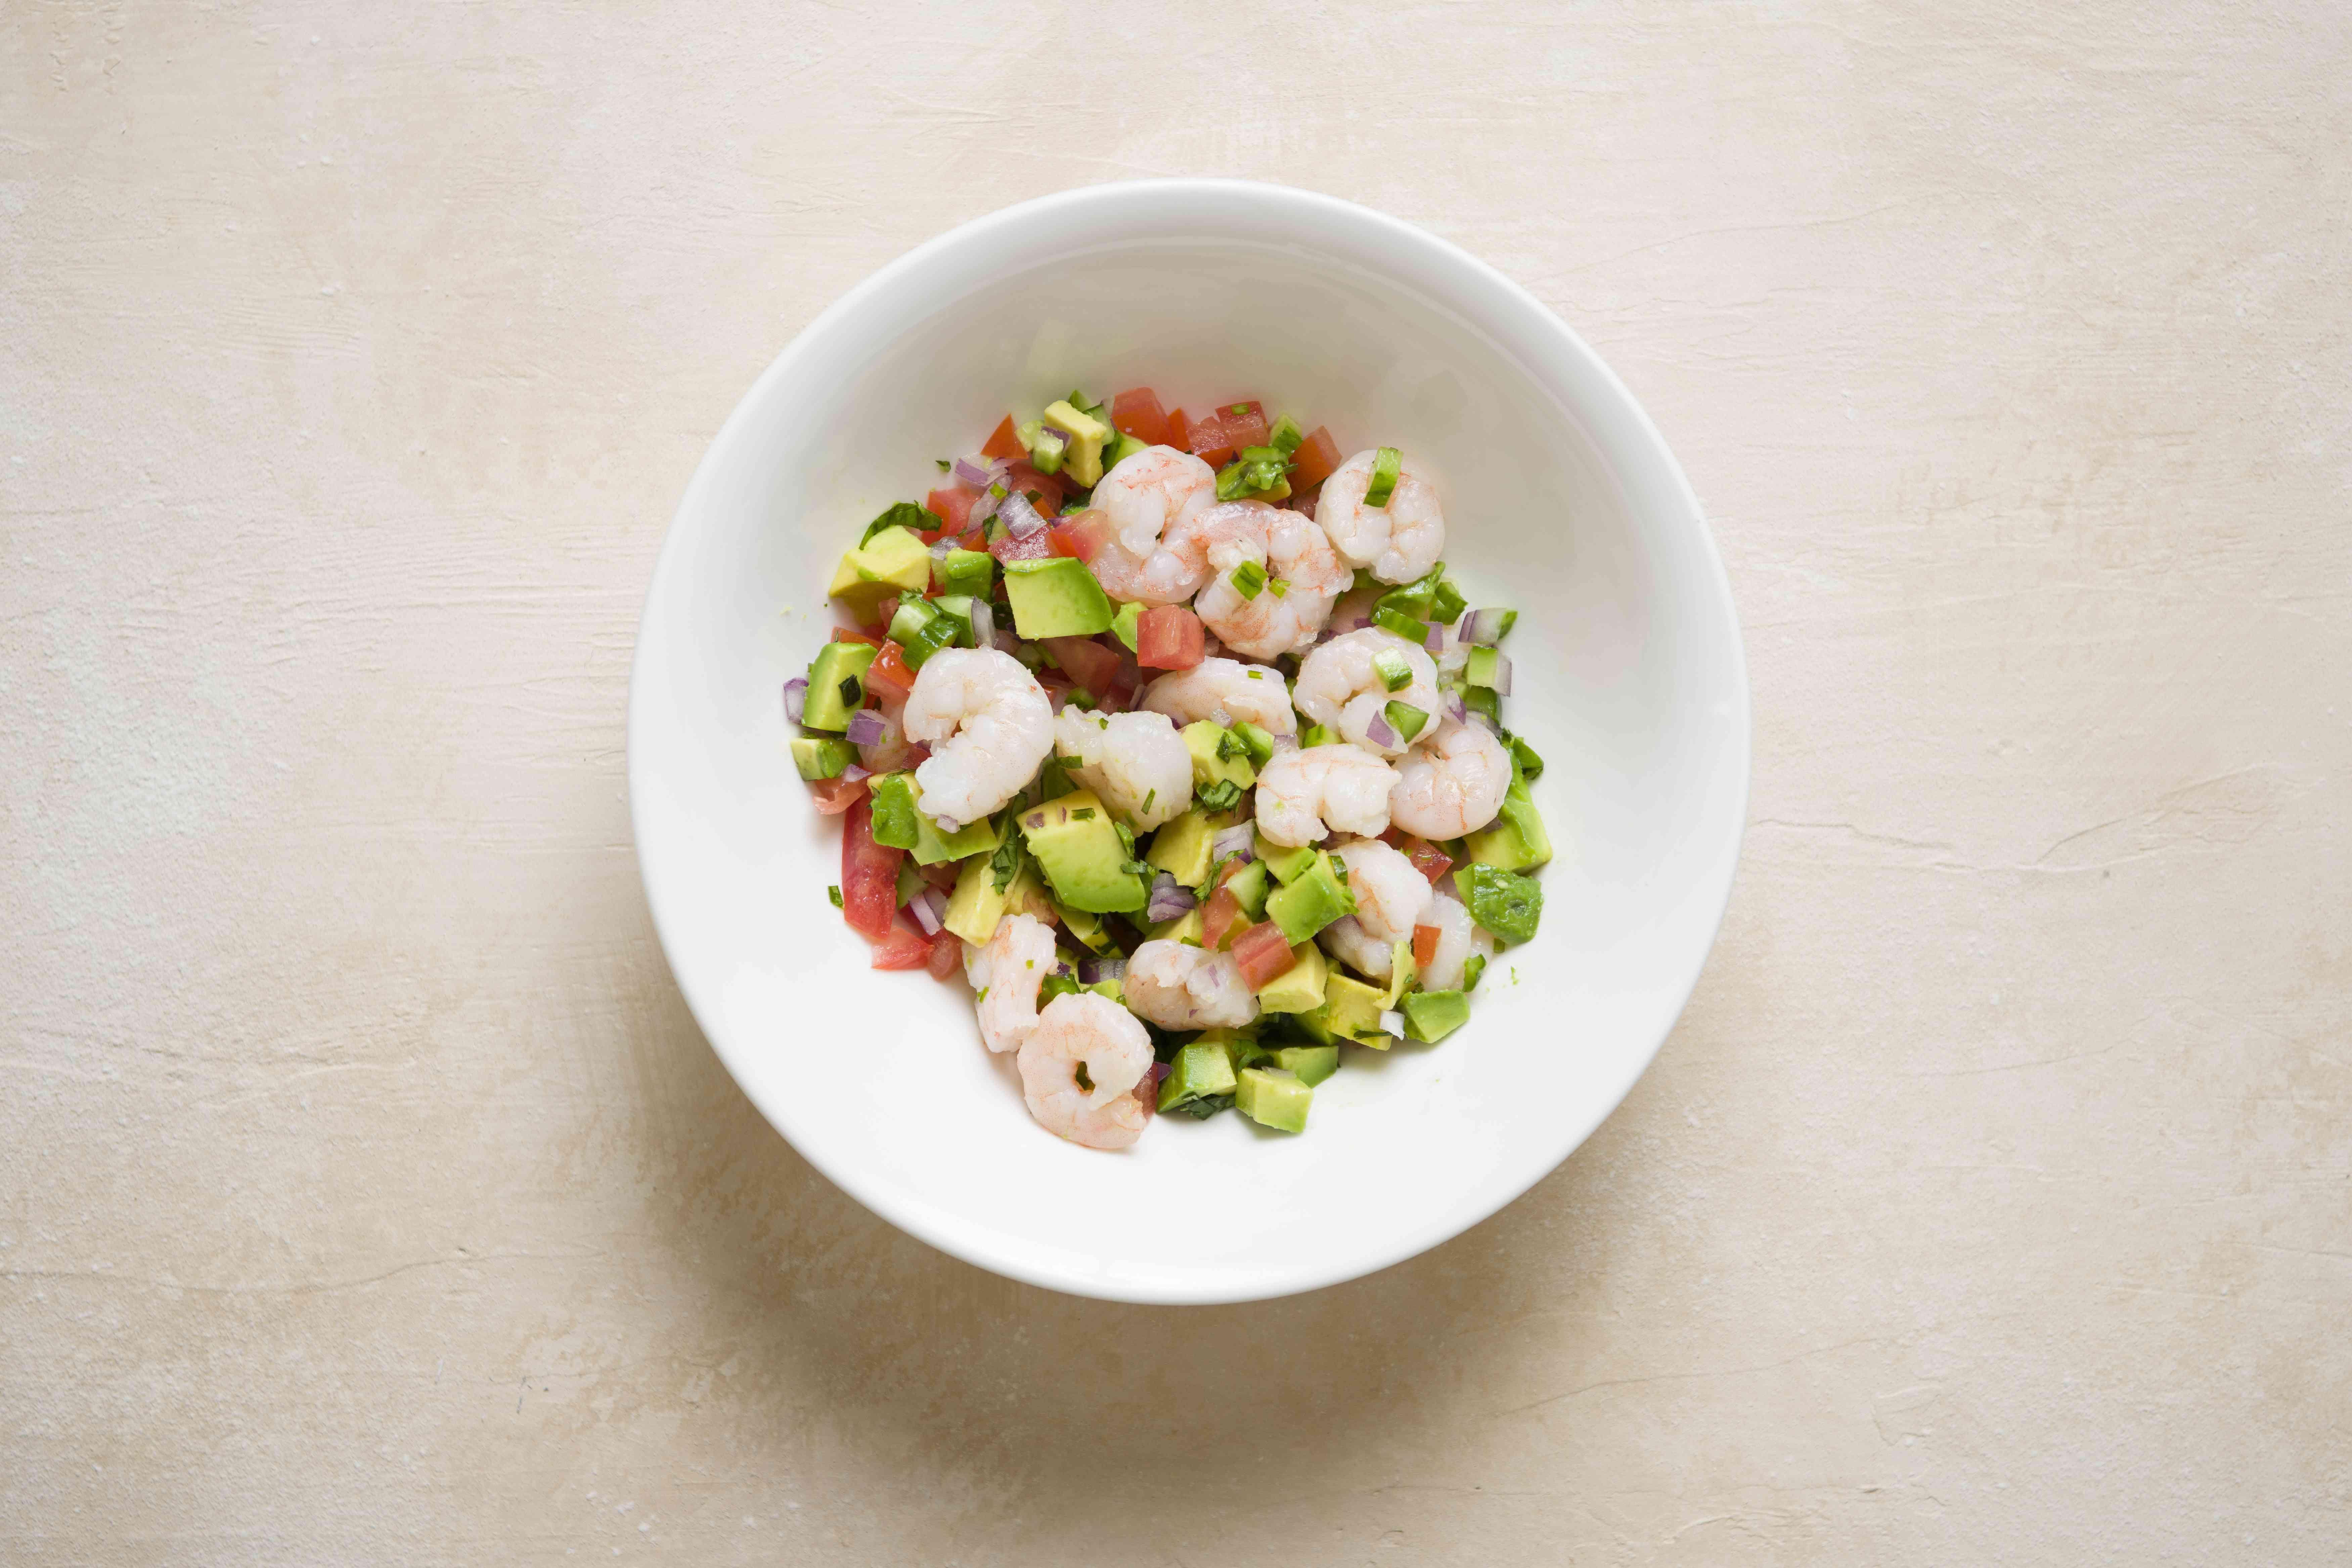 shrimp, onion, cucumber, tomato, avocado, and cilantro in a bowl